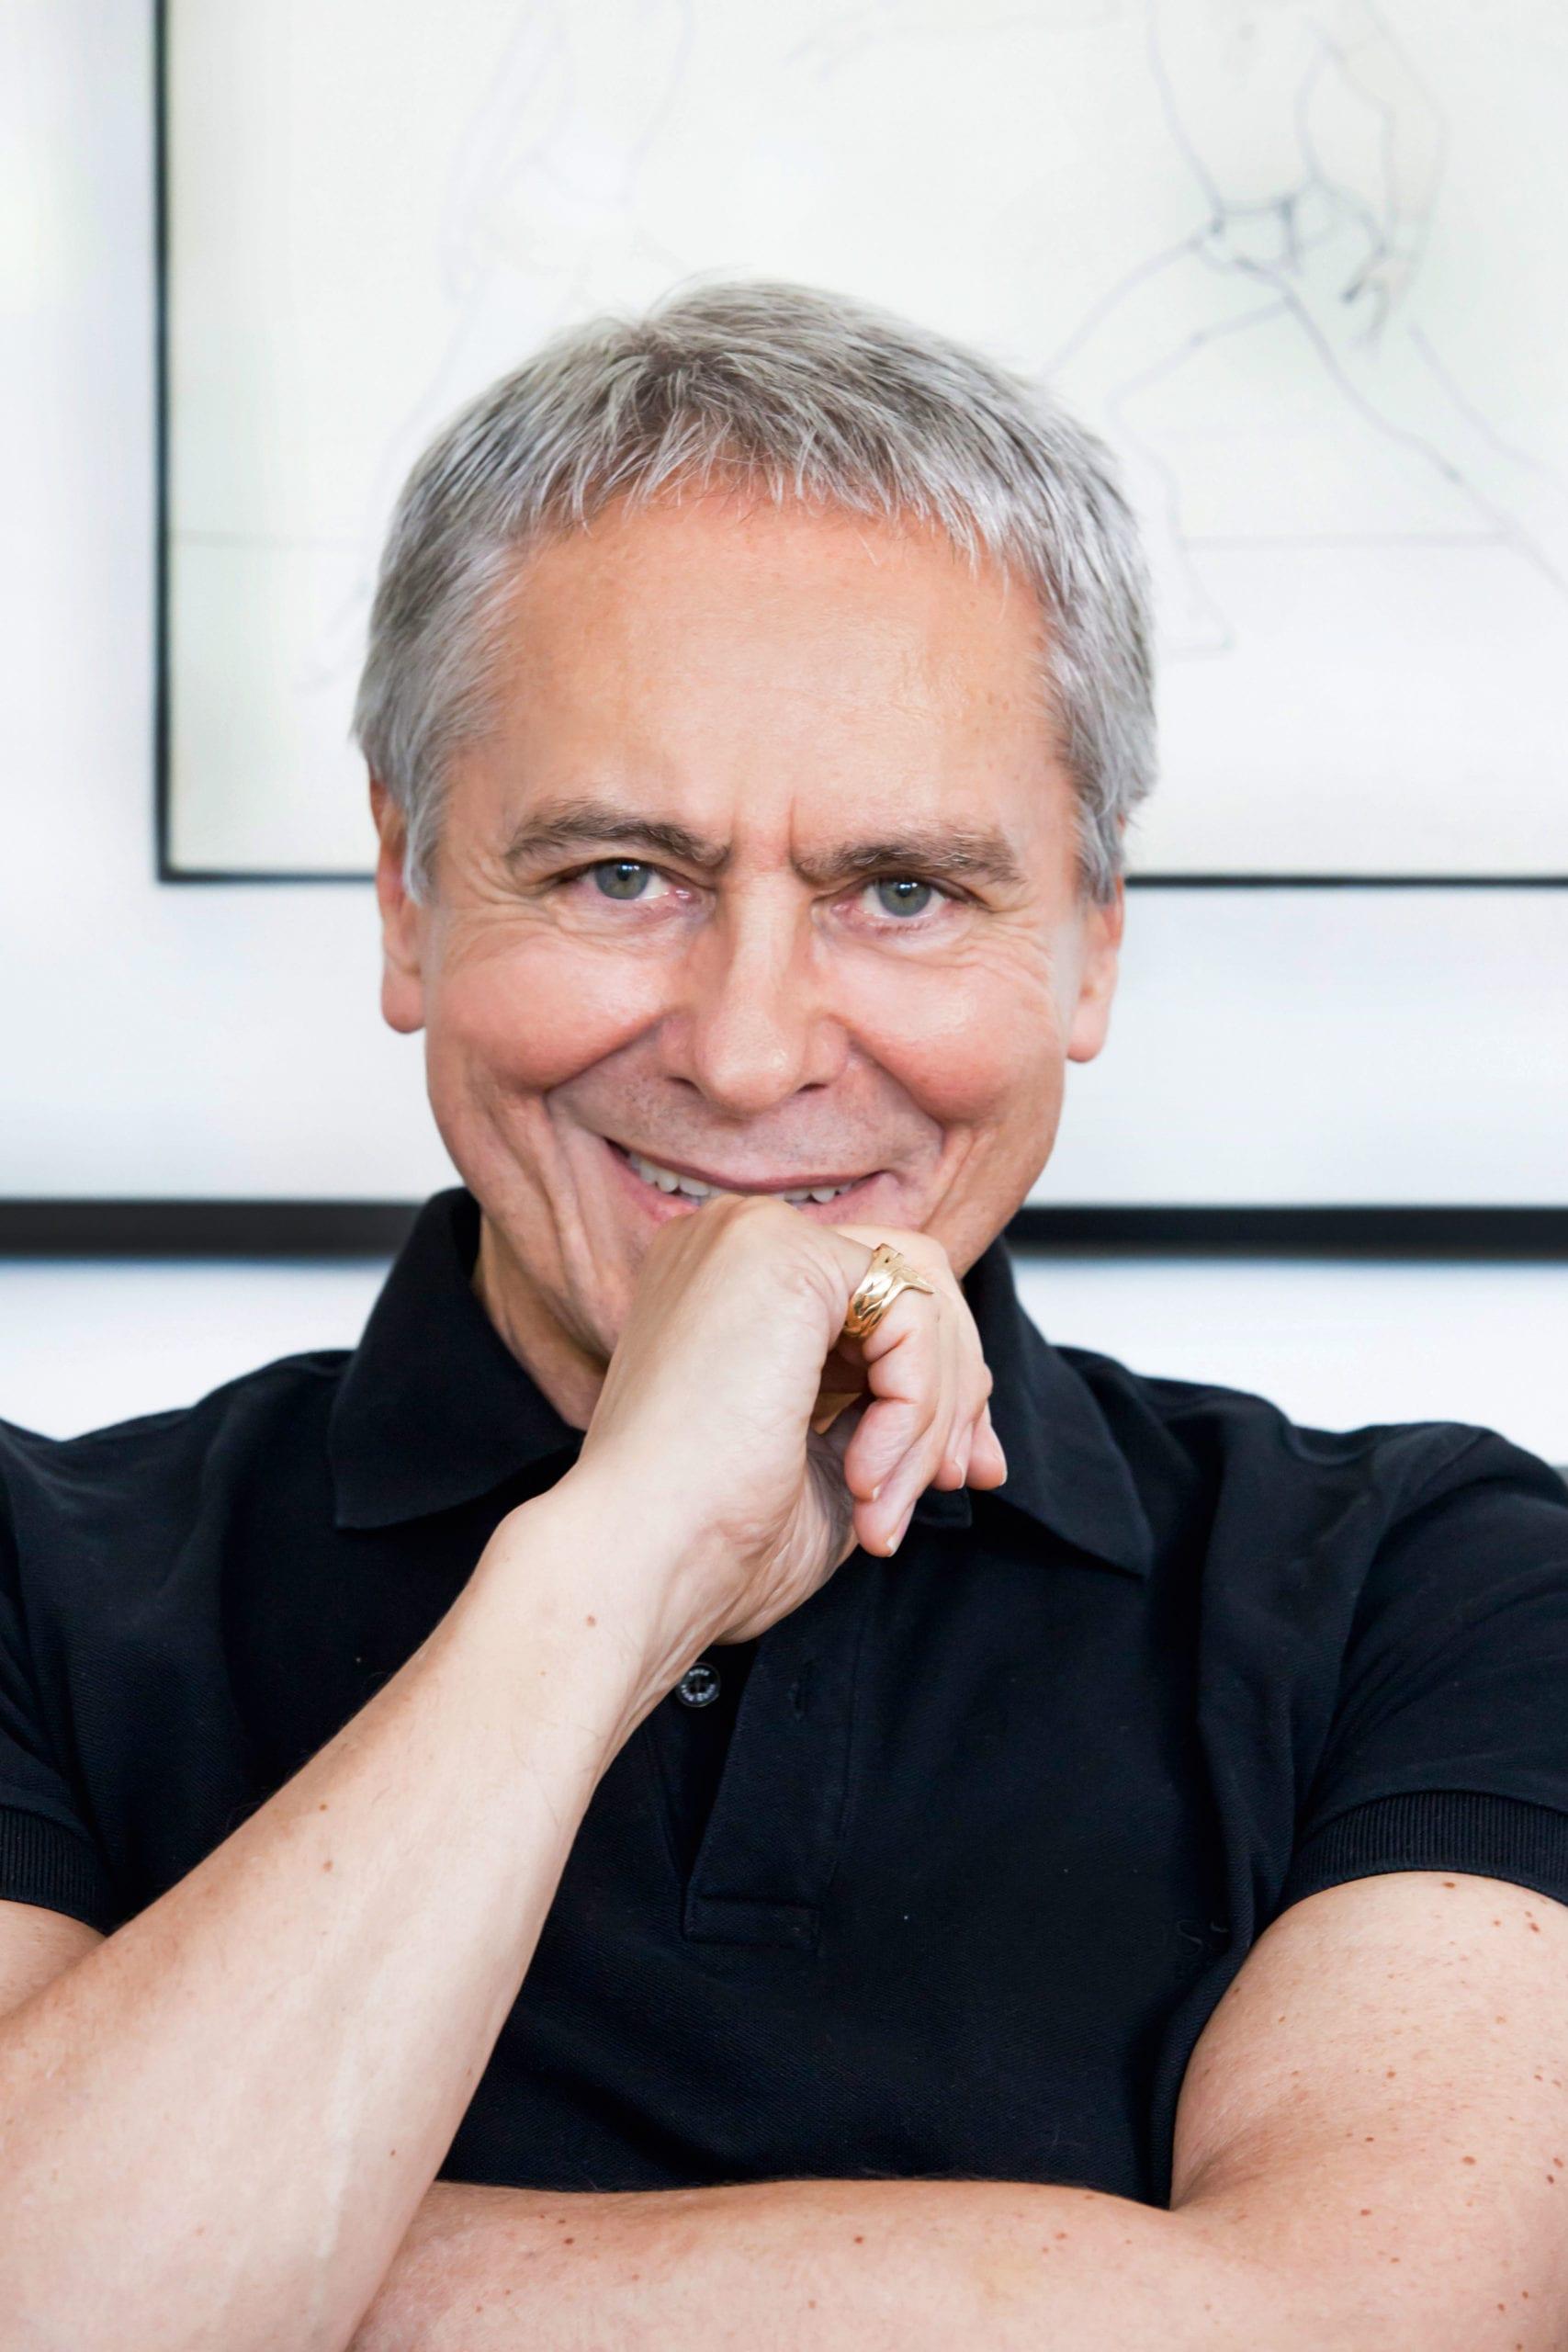 John Neumeier